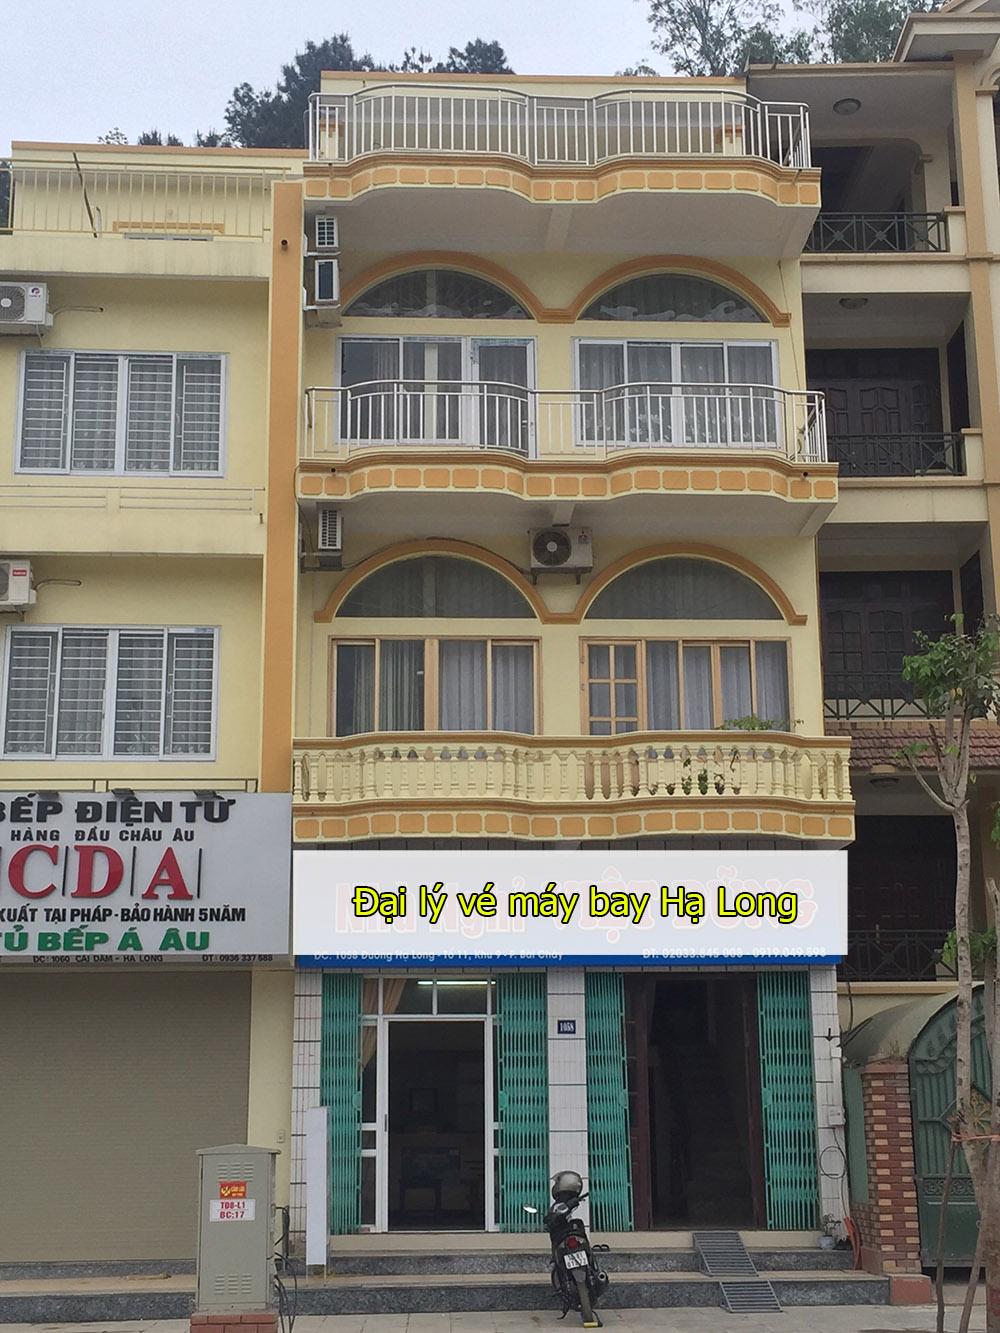 Đại lý vé máy bay Hạ Long Quảng Ninh